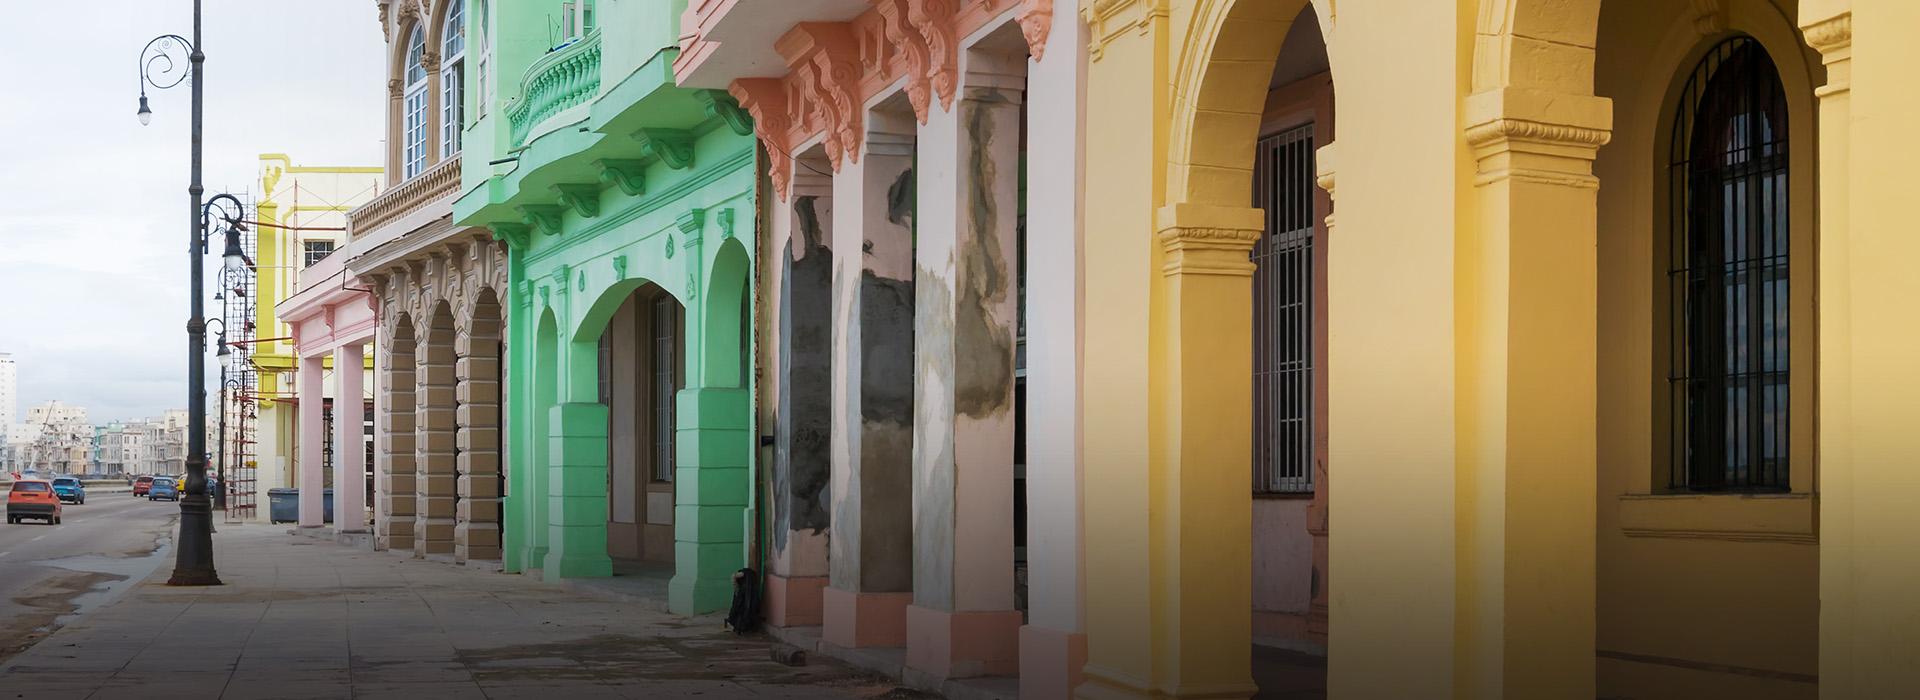 Hoelang Is Het Vliegen Naar Havana Cuba